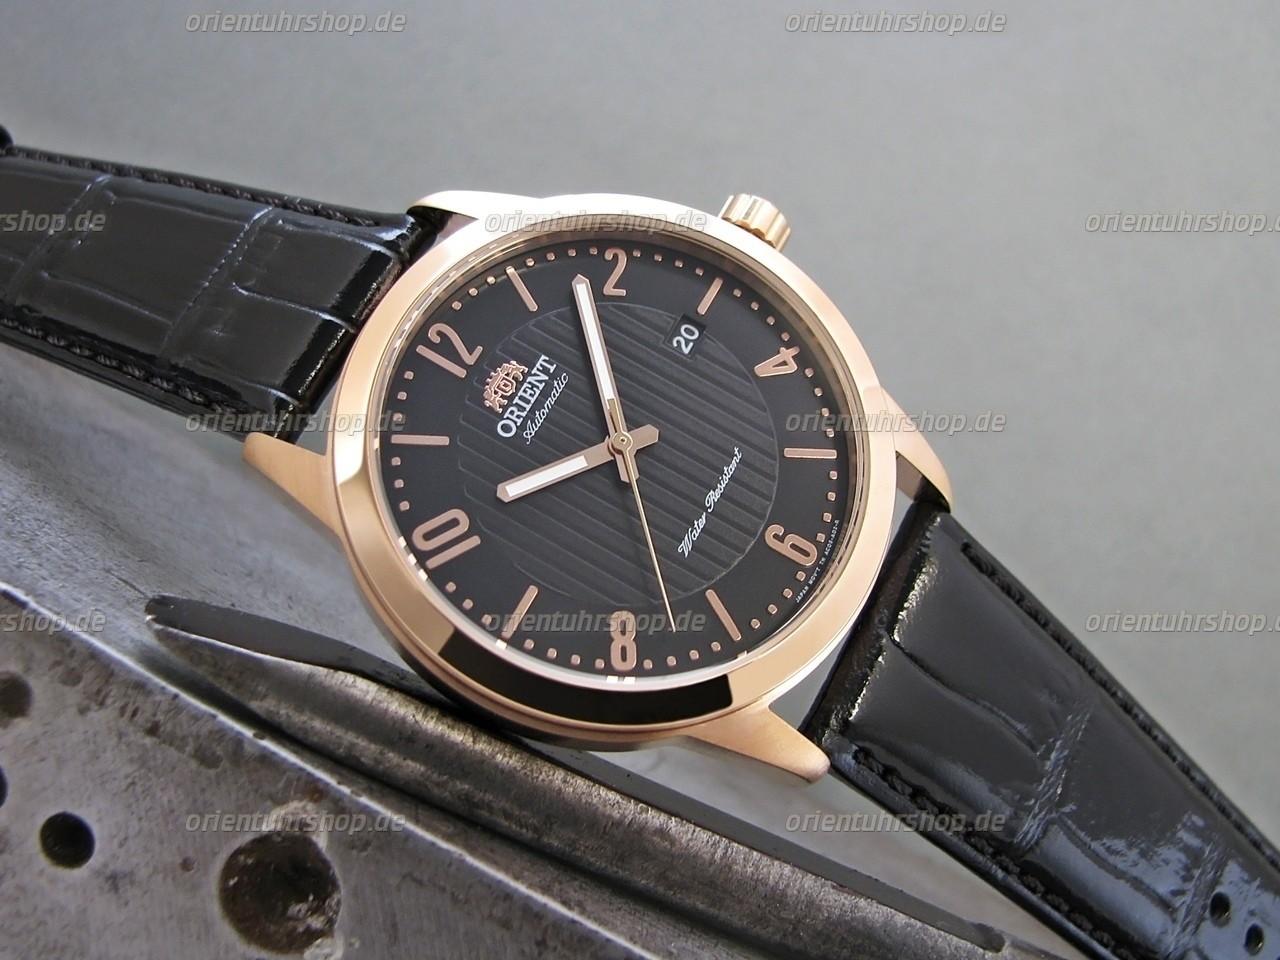 Orient Howard Automatik Herrenuhr FAC05005B0